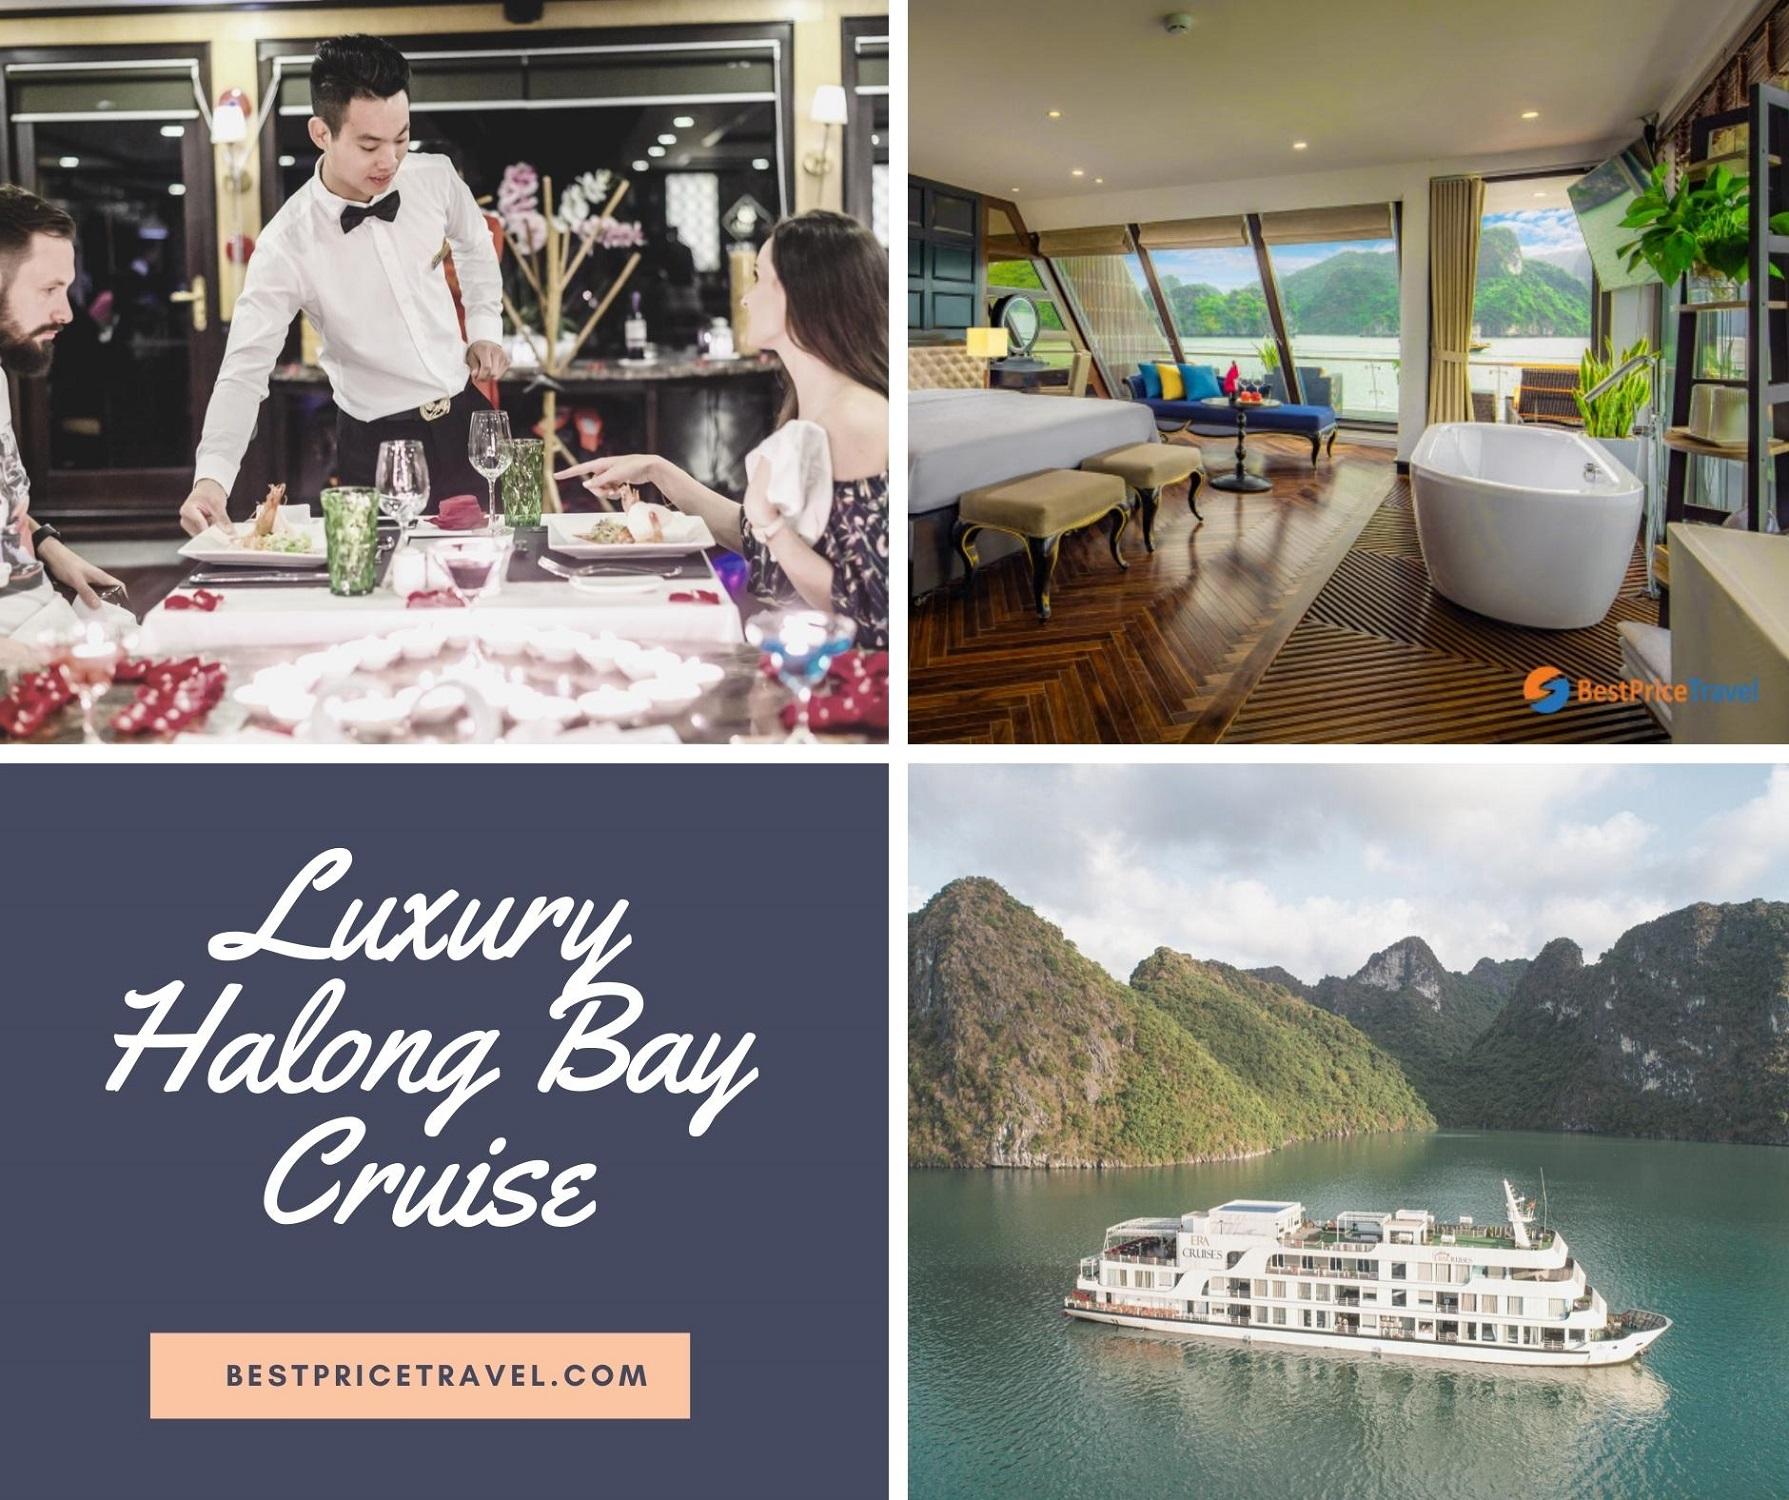 Luxury Halong Bay Cruise